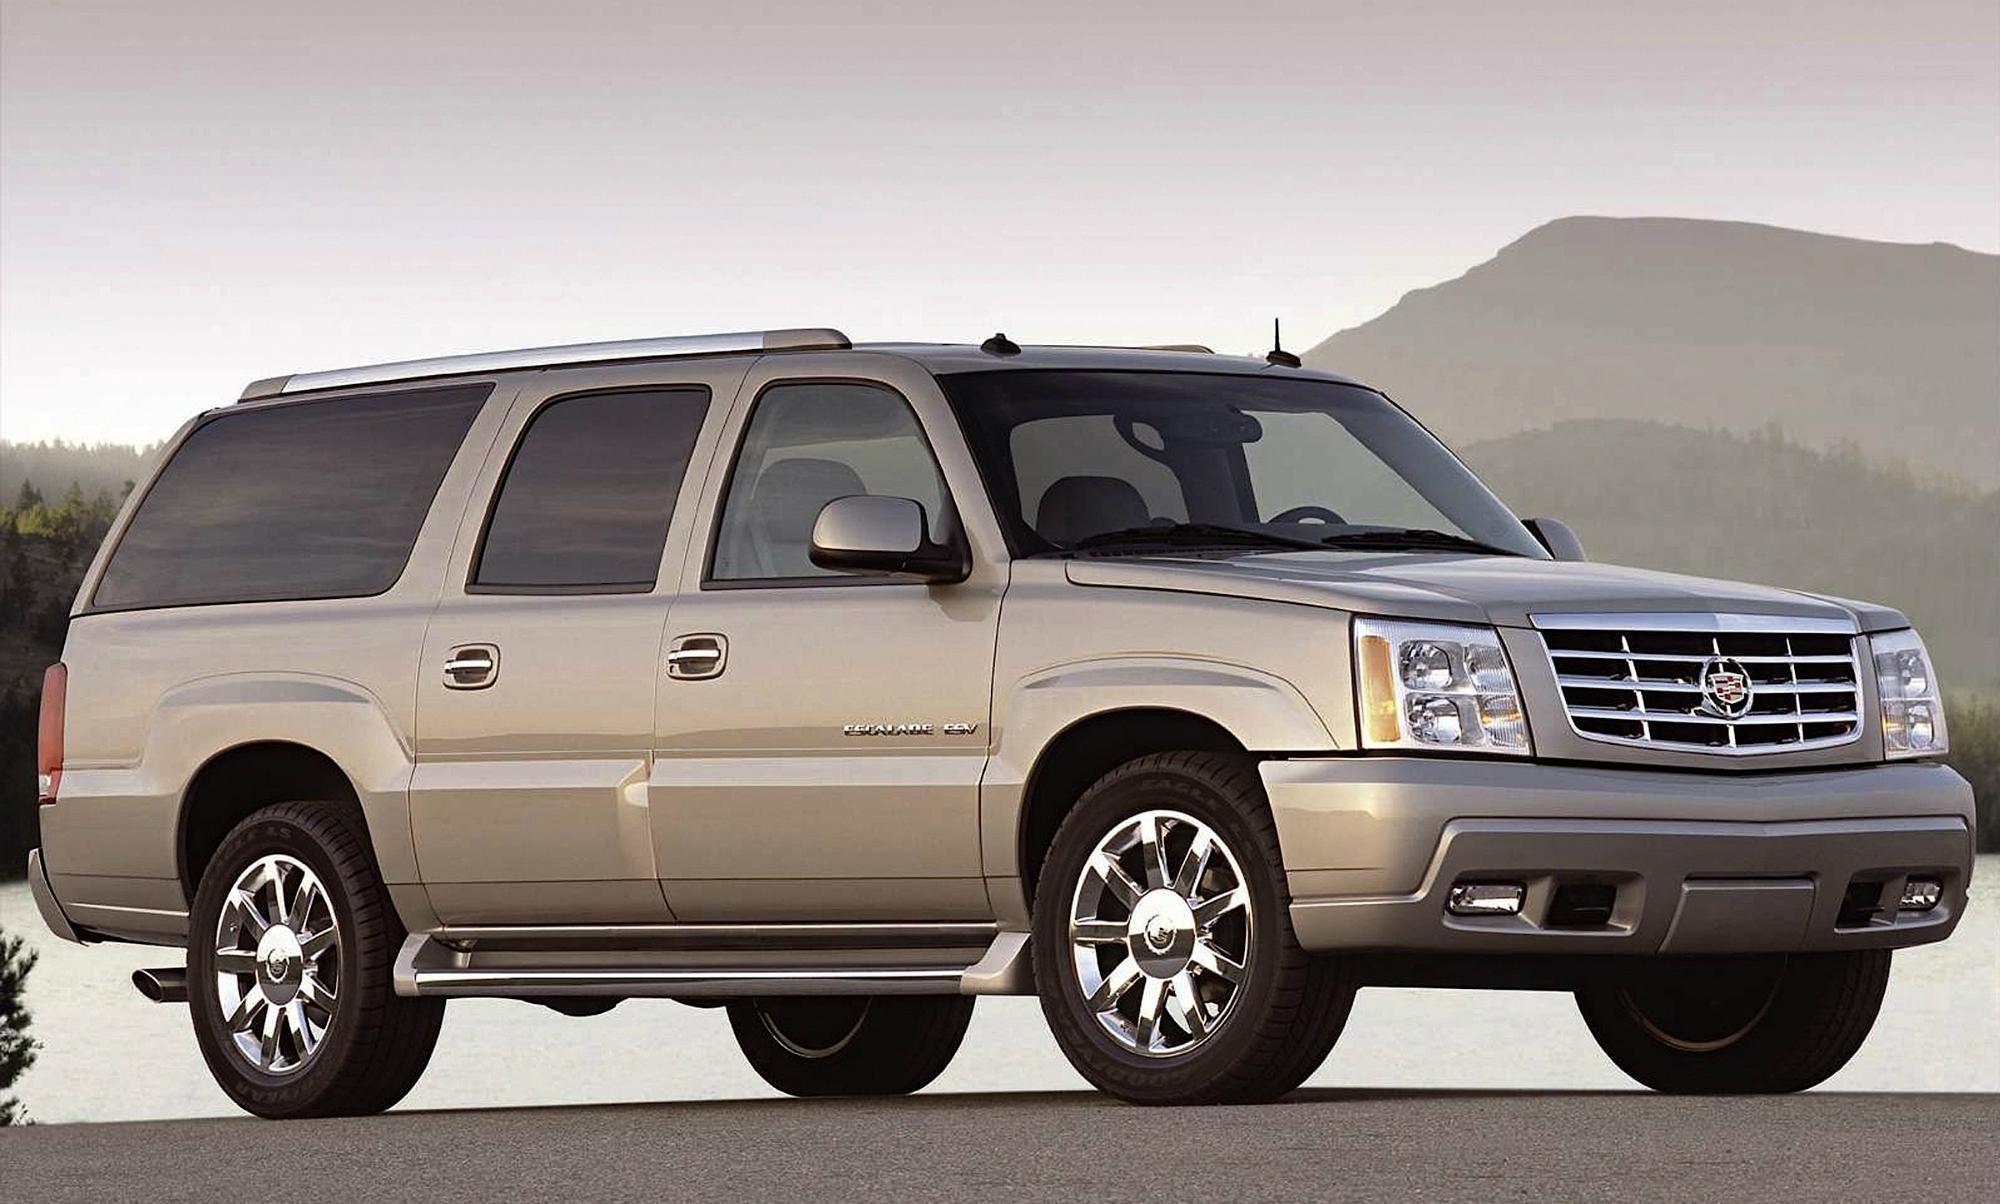 Latest Cadillac Escalade >> 2014 cadillac escalade Redering | TOPISMAG.NET